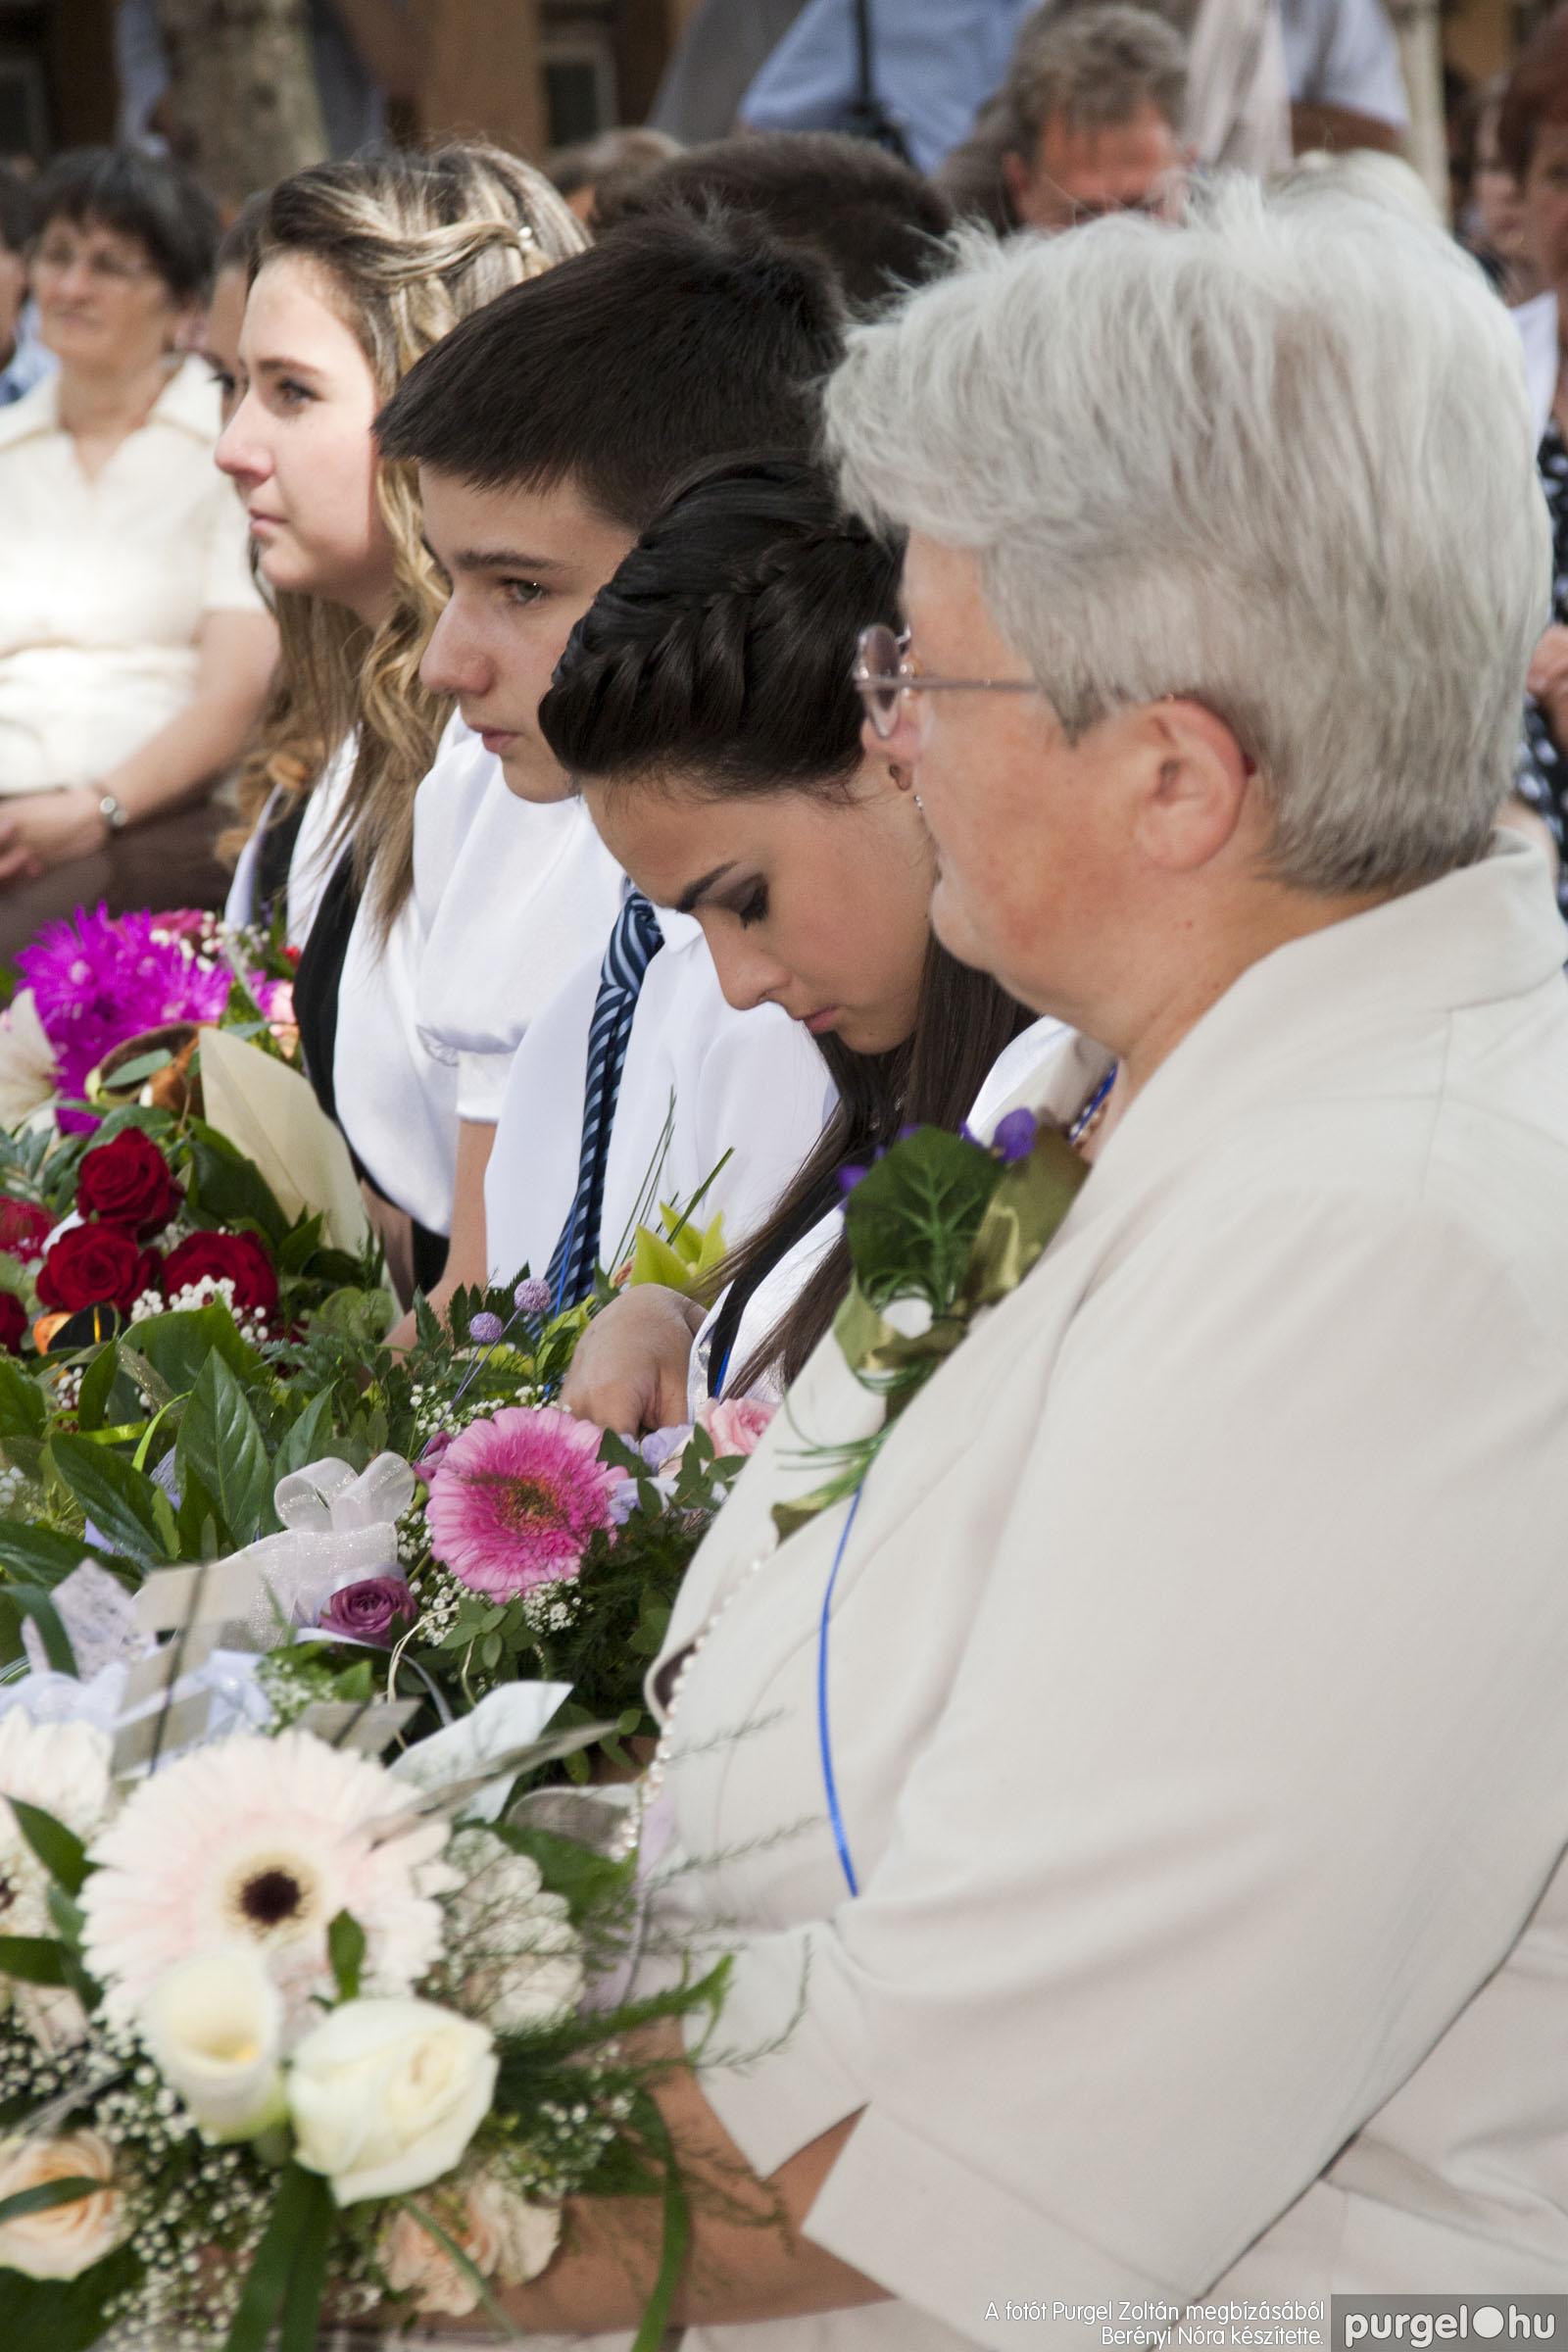 2014.06.14. 193 Forray Máté Általános Iskola ballagás 2014. - Fotó:BERÉNYI NÓRA© _MG_5829.jpg